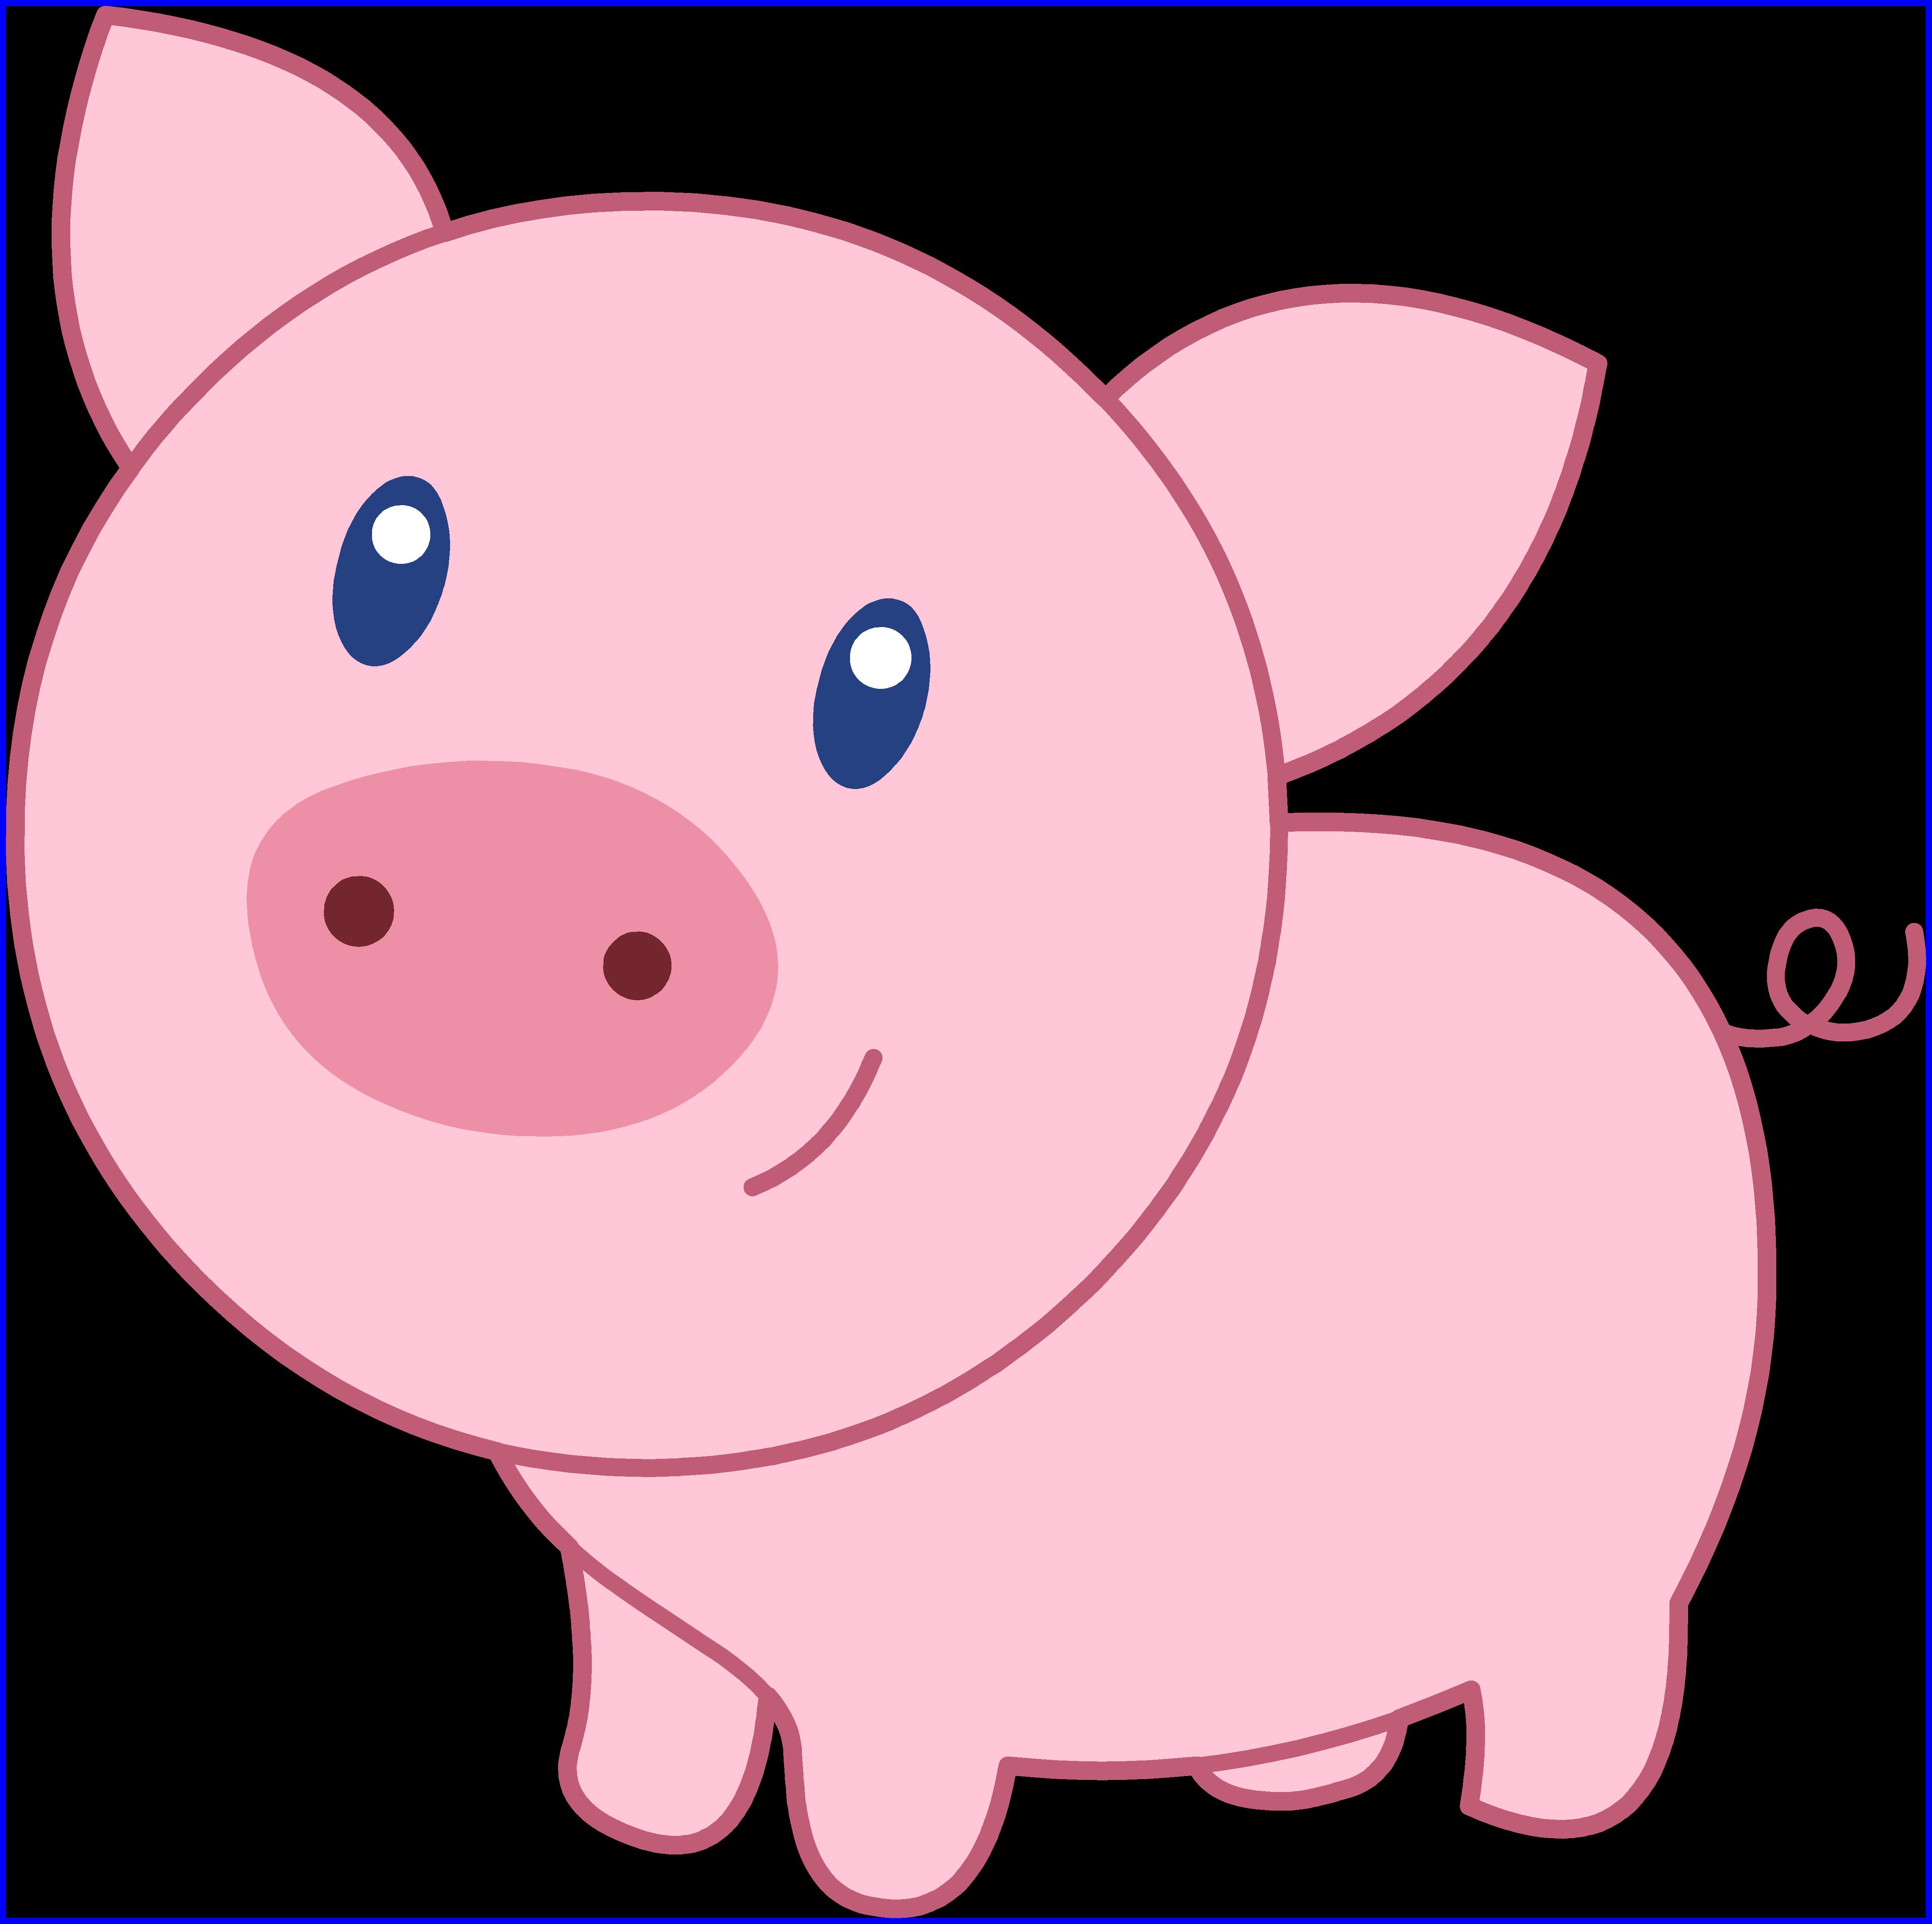 4975x4955 Unbelievable Cute Pig Face Clip Art Clipart Panda For Piggy Trend